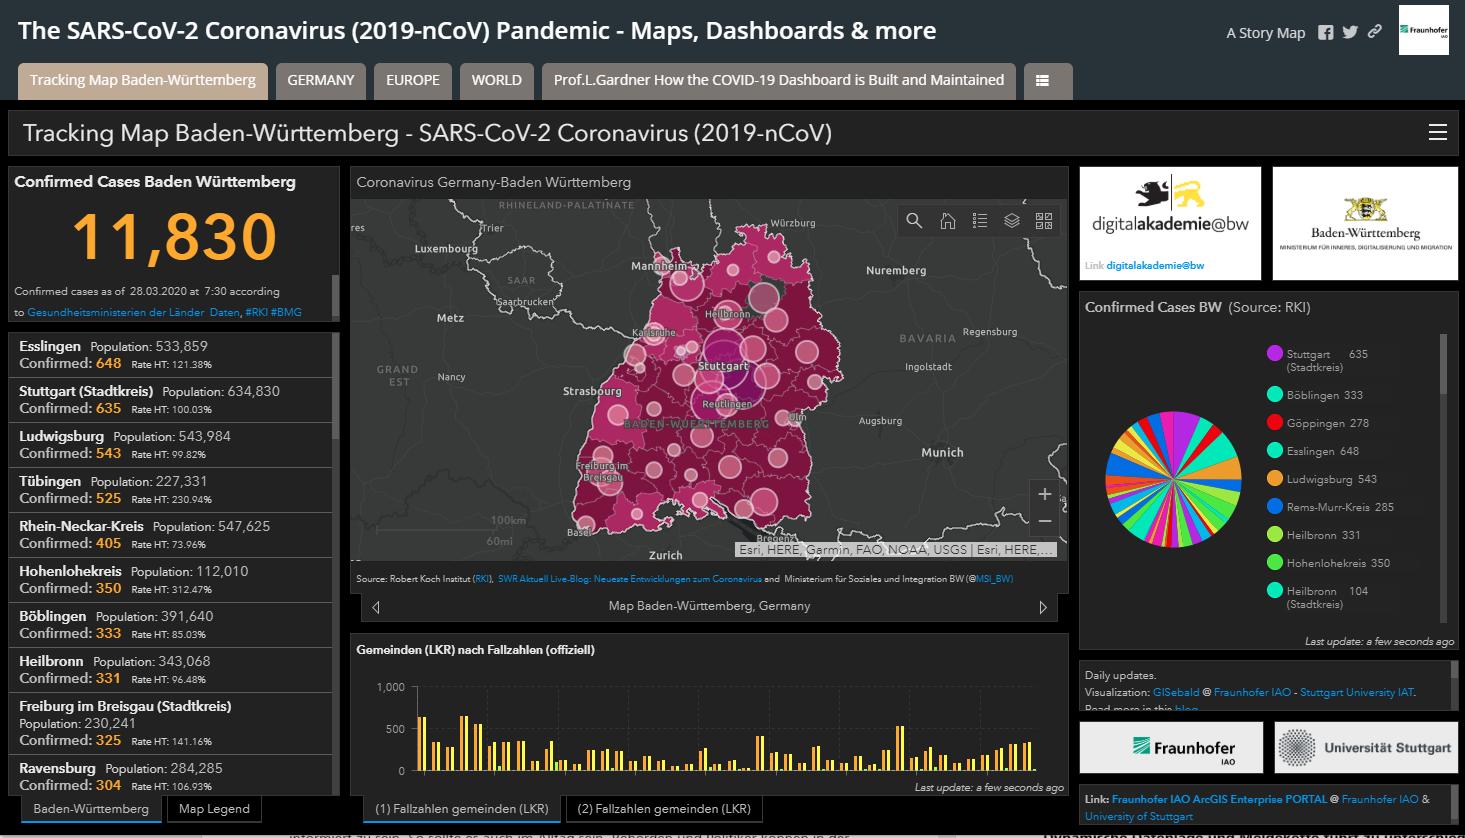 Das Echtzeit SARS-CoV-2 Coronavirus Pandemie Dashboard enthält zahlreiche interaktive Karten sowie Informationsquellen und Visualisierungen auf kommunaler, Landes-, Bundes-, EU-und globaler Ebene